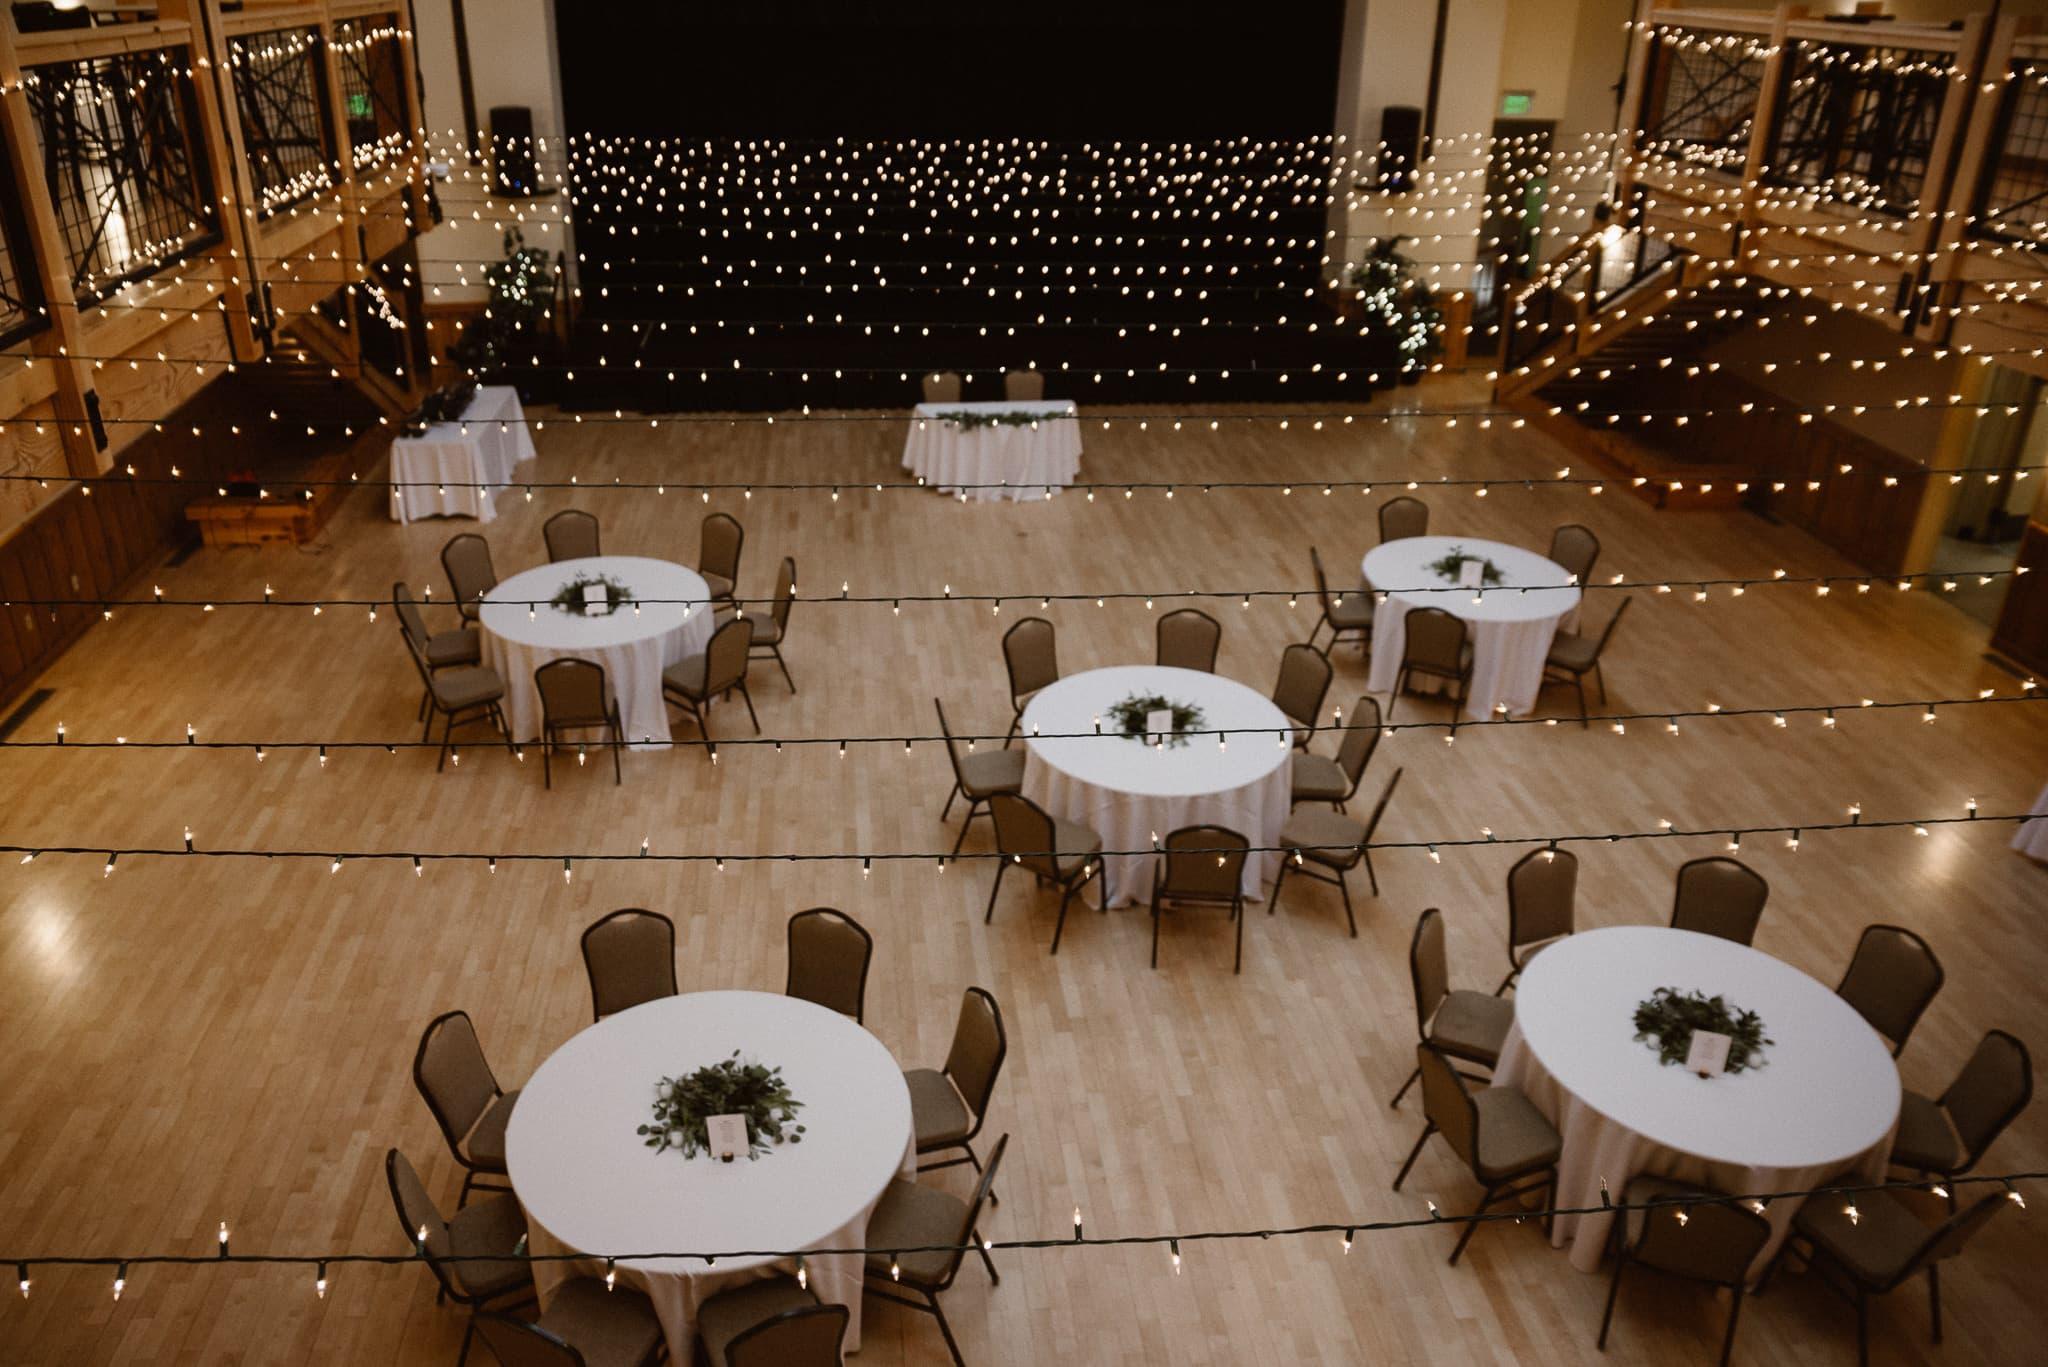 Silverthorne Pavilion wedding venue, Colorado wedding photographer, outdoor wedding ceremony, Colorado mountain wedding venues,